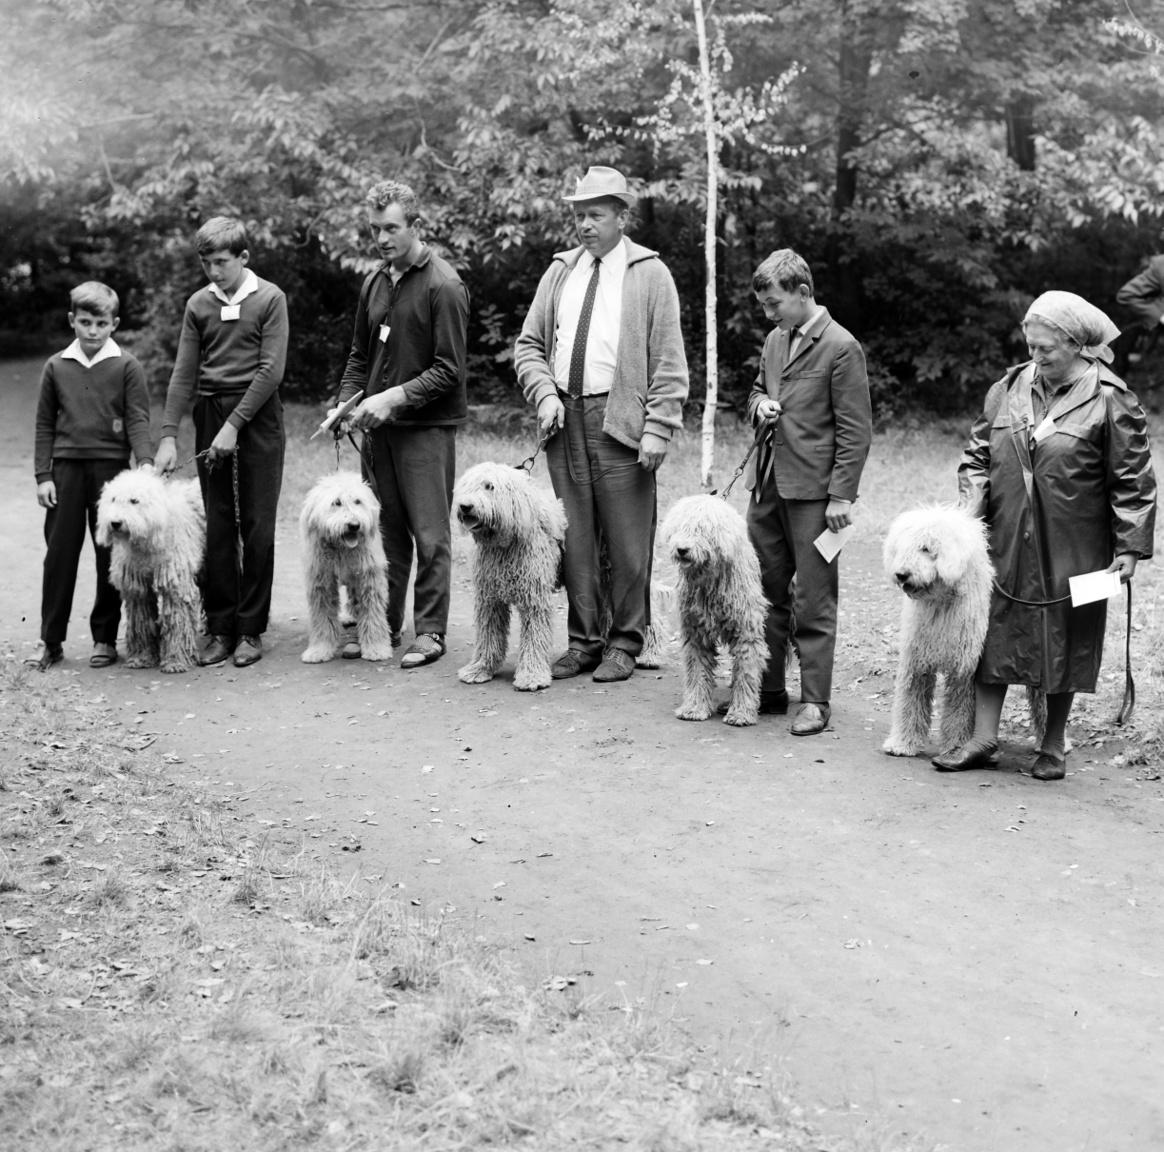 """""""Nem azért mondom, mert az én kutyám, de ilyen szép nincs még egy."""" Ezzel a gondolattal indult el 2400 kutyatulajdonos a budapesti nemzetközi kutya- kiállításra. Bojár kutyakiállításokon készült képei nemcsak A kutya hasábjain jelentek meg. Amikor az 1970-es budapesti kiállítással egyszerre tartották meg a Kynológiai Világszervezet kongresszusát, akkor az ő képe jelent meg az Ország-Világ riportjában is."""